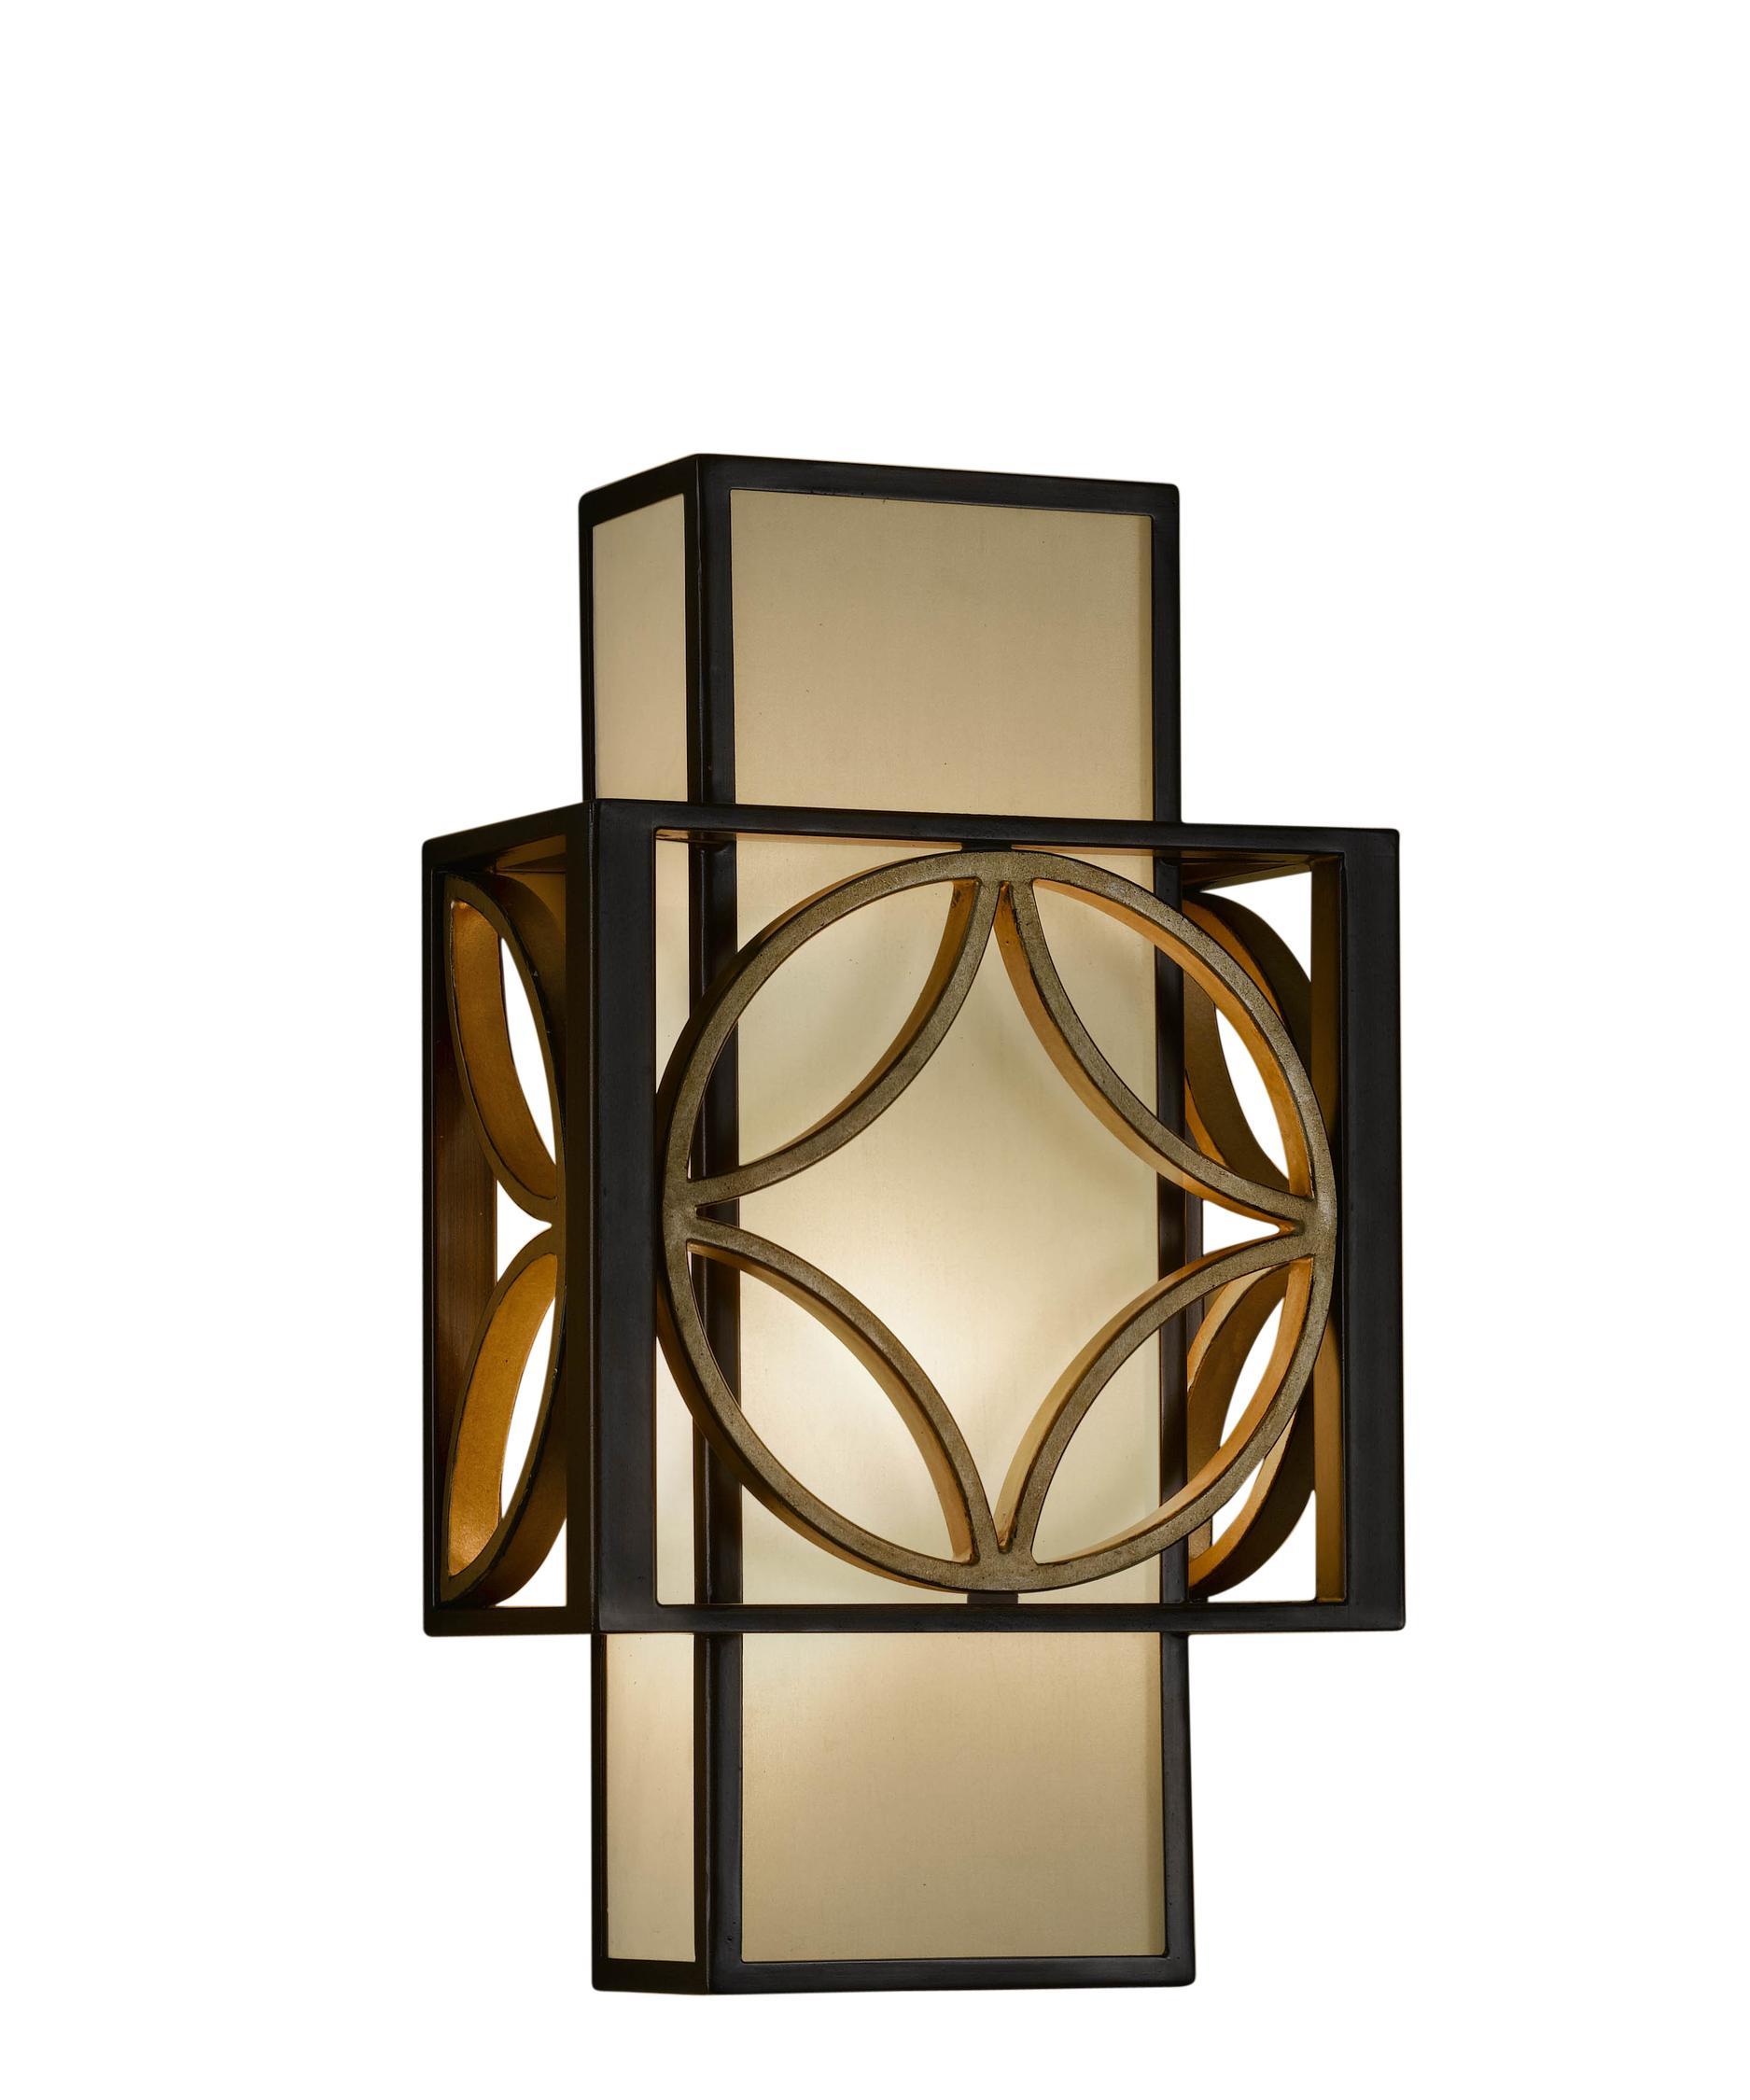 Murray Feiss Pendant Lighting | Ceiling Fans Hamilton | Murray Feiss